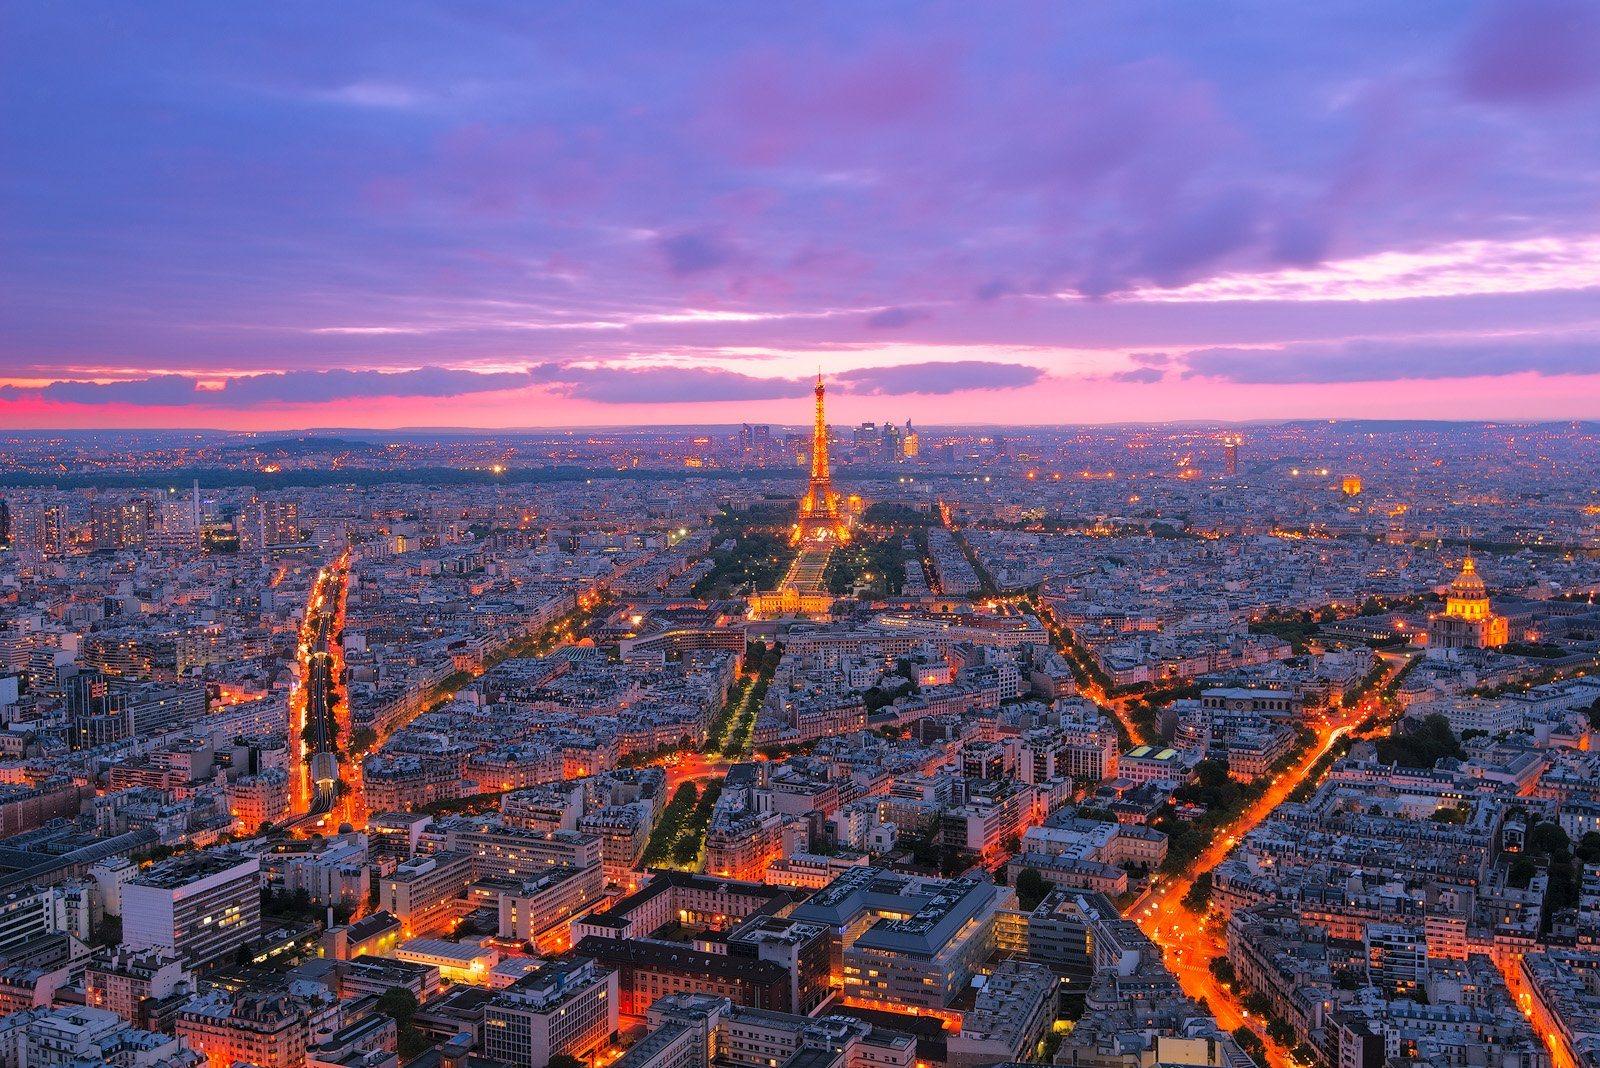 Ảnh toàn cảnh Paris về đêm